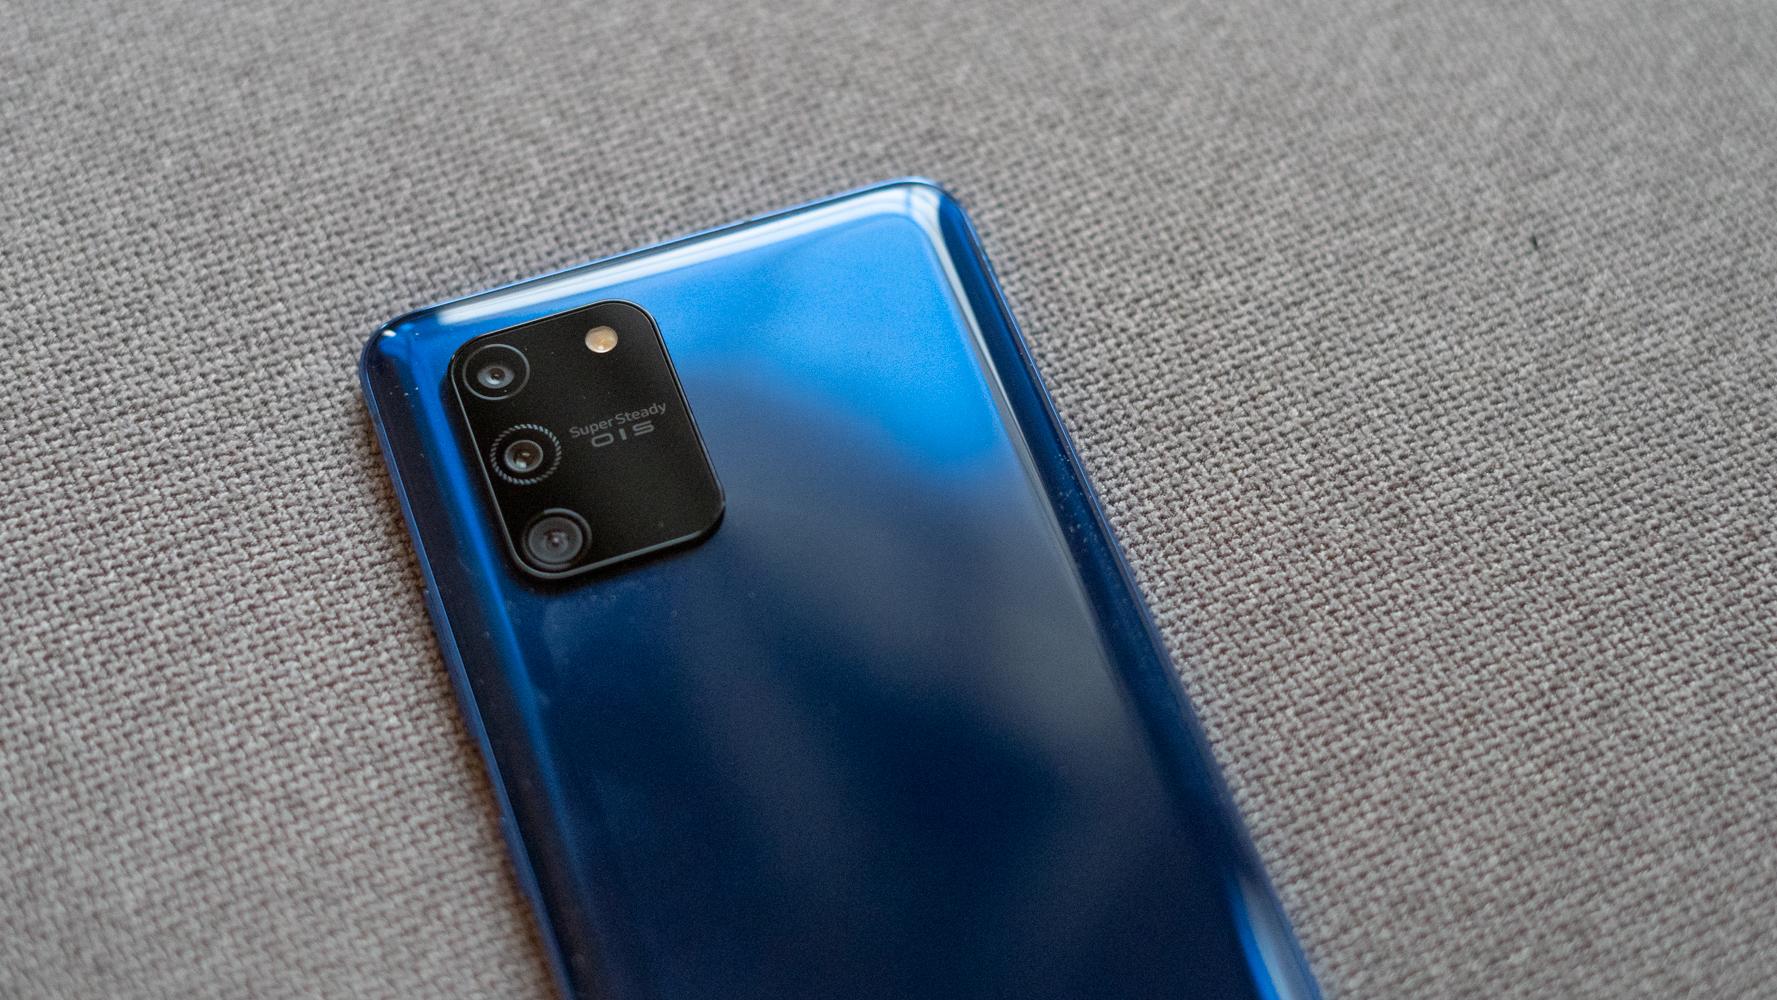 Samsung Galaxy S10 Lite camera module close up